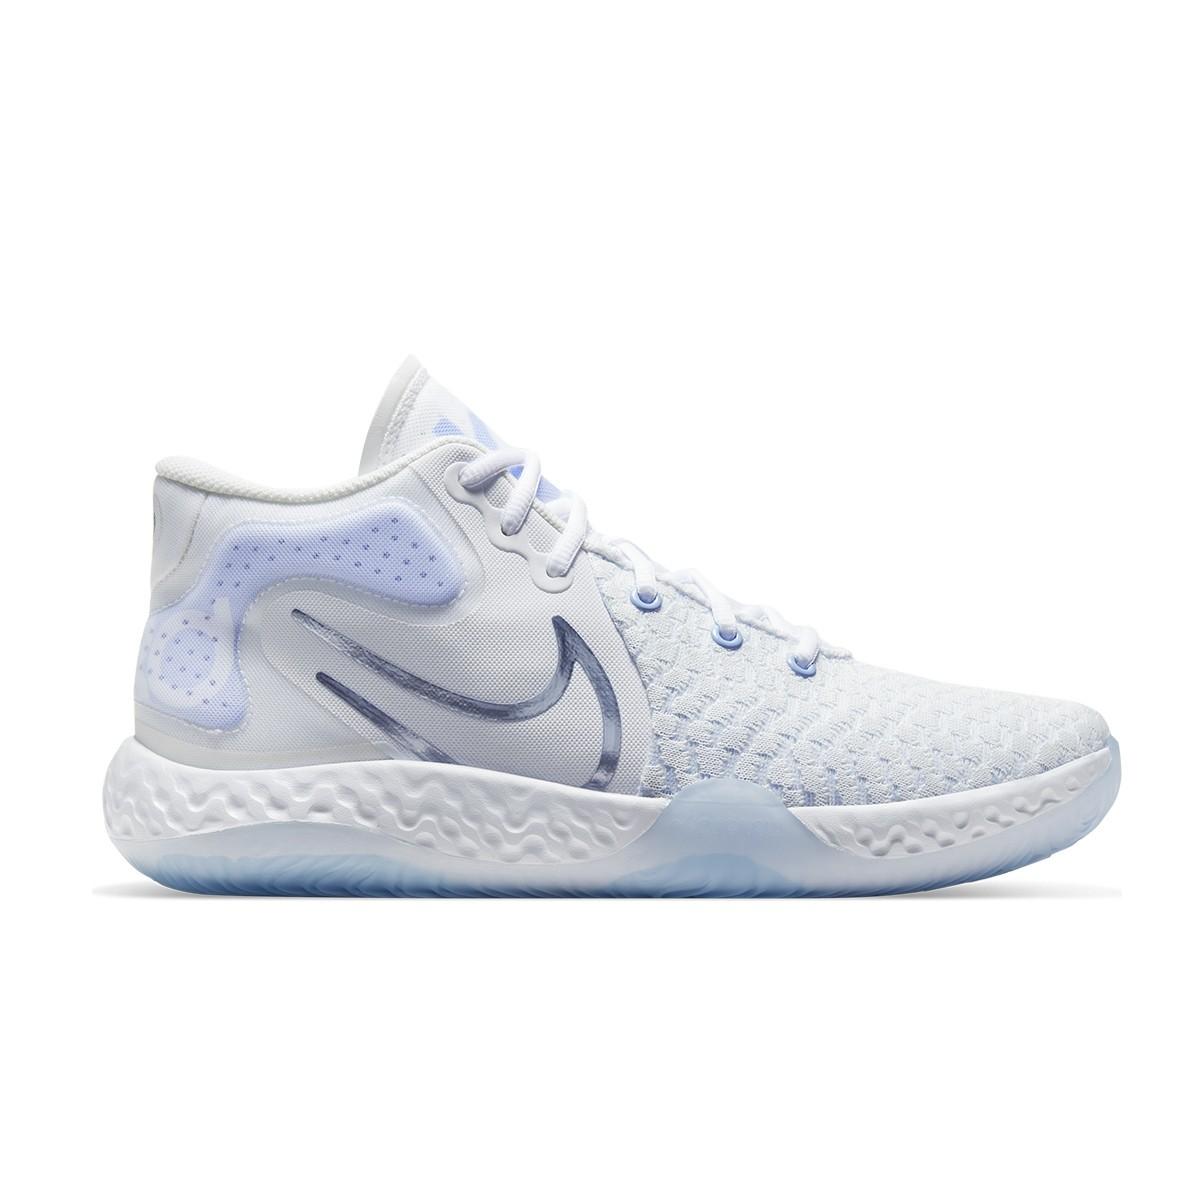 Nike KD Trey 5 VIII Jr 'White'